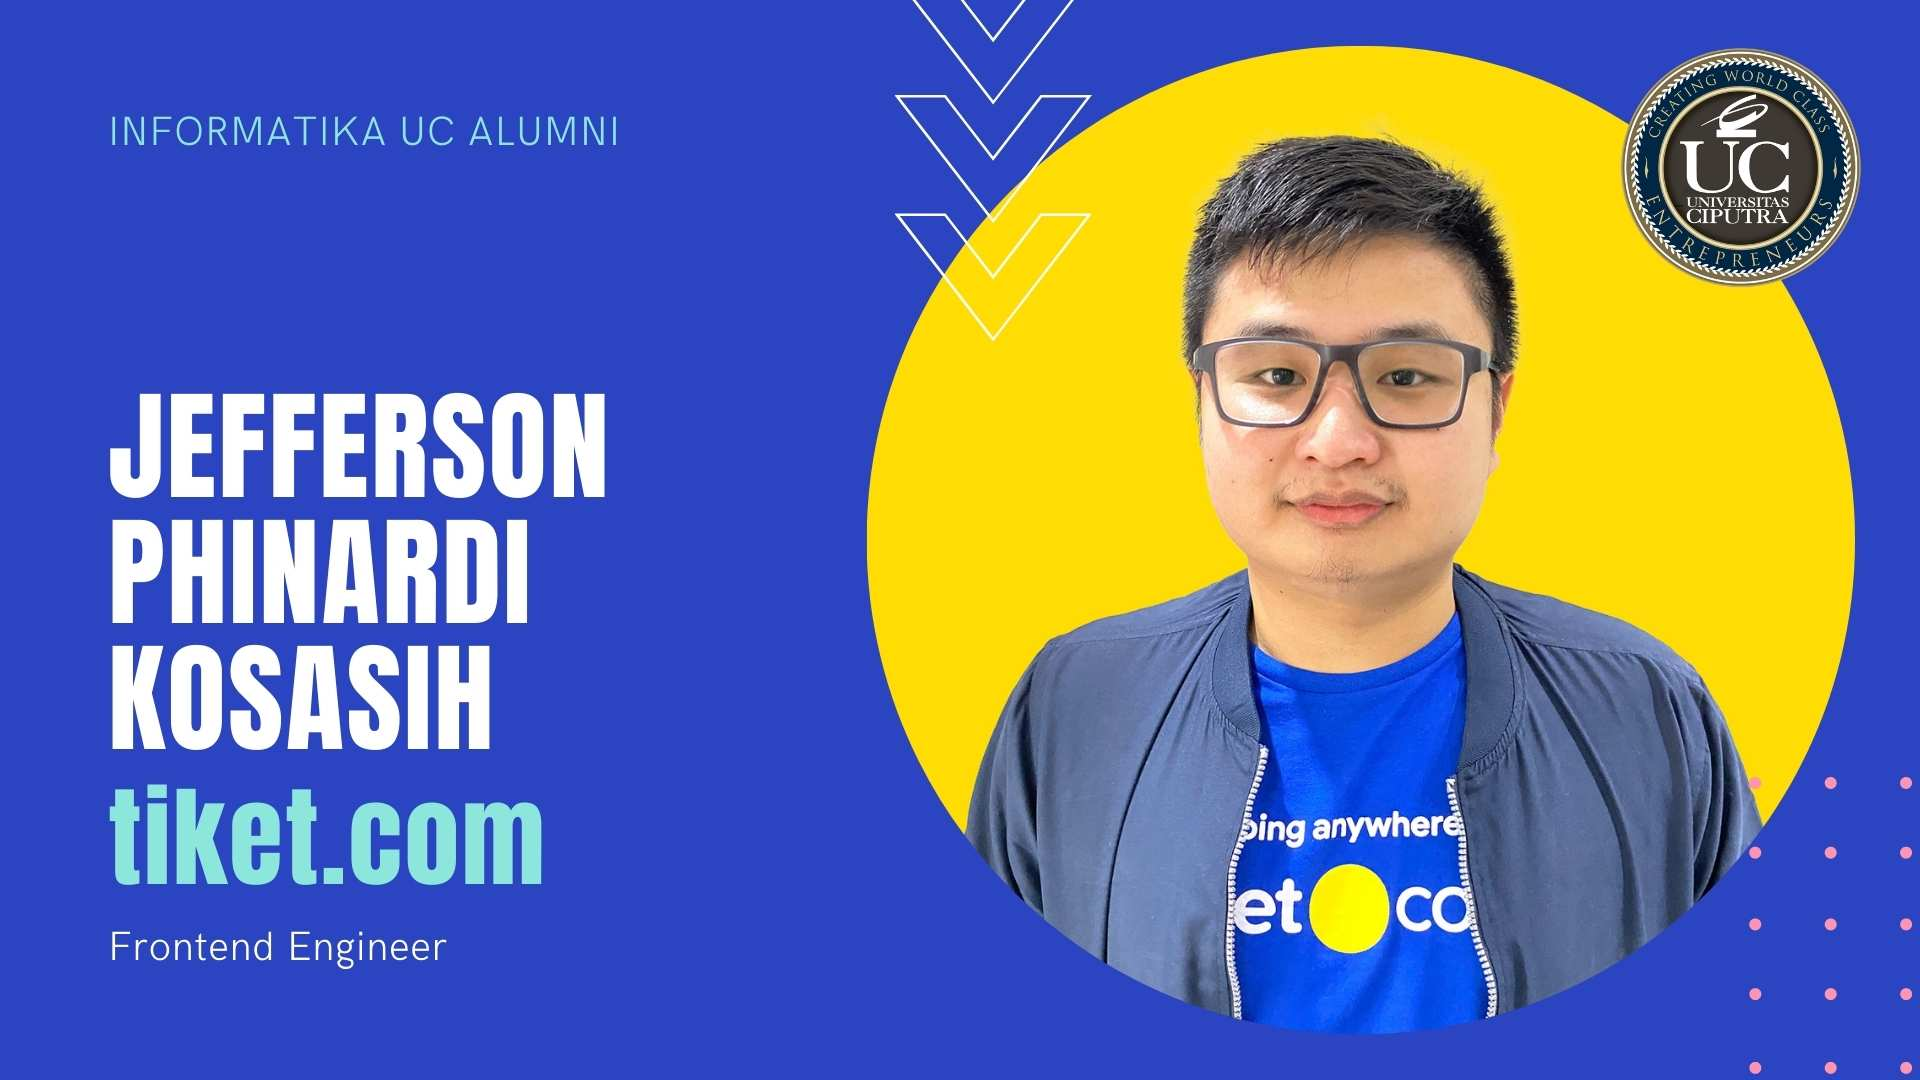 Jefferson Phinardi Kosasih, tiket.com - FrontEnd Engineer